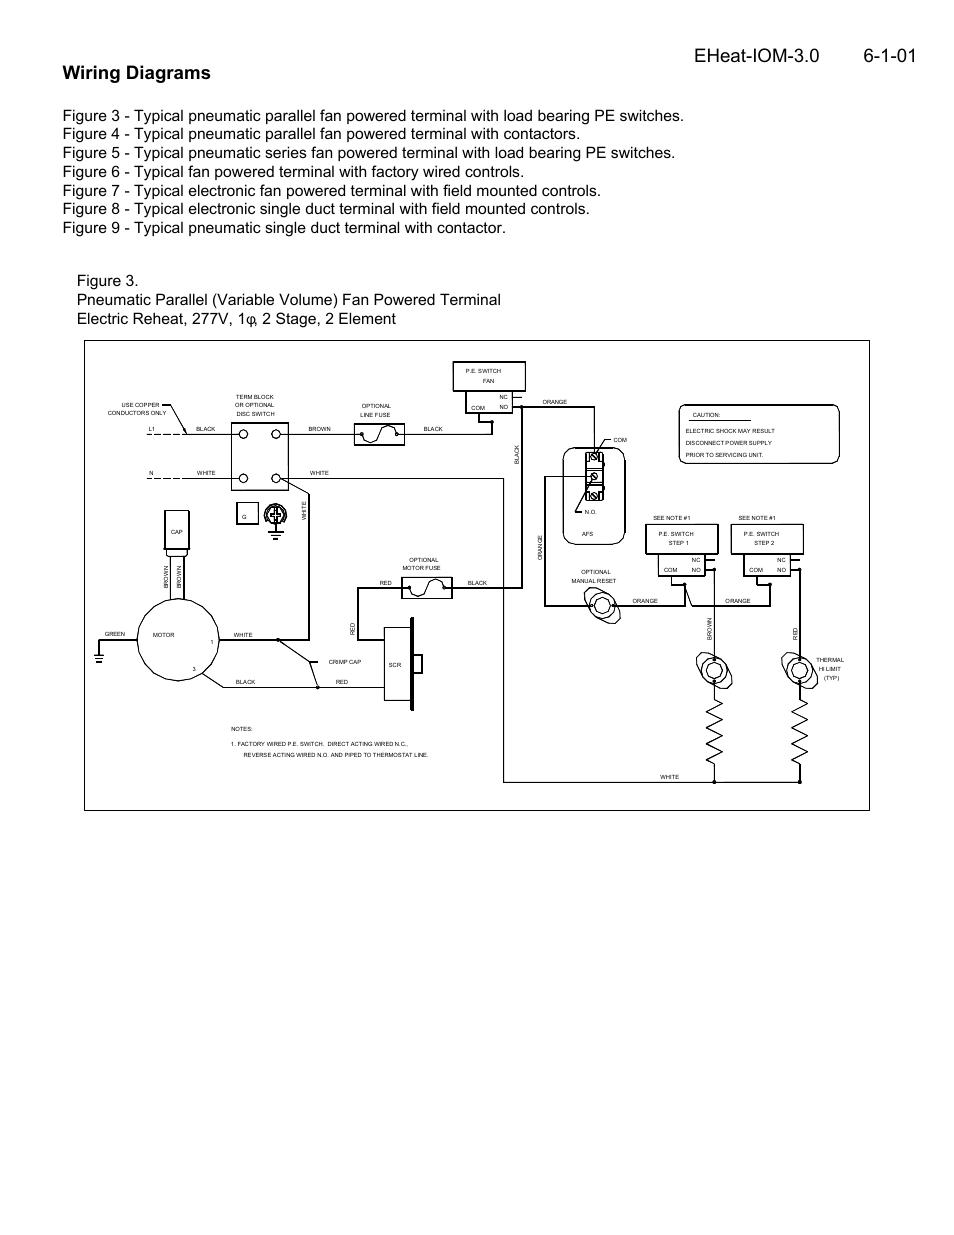 us Wiring Diagram   Wiring Schematic Diagram - 20.laiser on fan wiring diagram, chiller wiring diagram, blower wiring diagram, ahu wiring diagram, humidifier wiring diagram, coil wiring diagram, air handler wiring diagram, duct heater wiring diagram, sensor wiring diagram, t-stat wiring diagram, furnace wiring diagram, thermostats wiring diagram, air curtain wiring diagram, pressure wiring diagram, cooling tower wiring diagram,